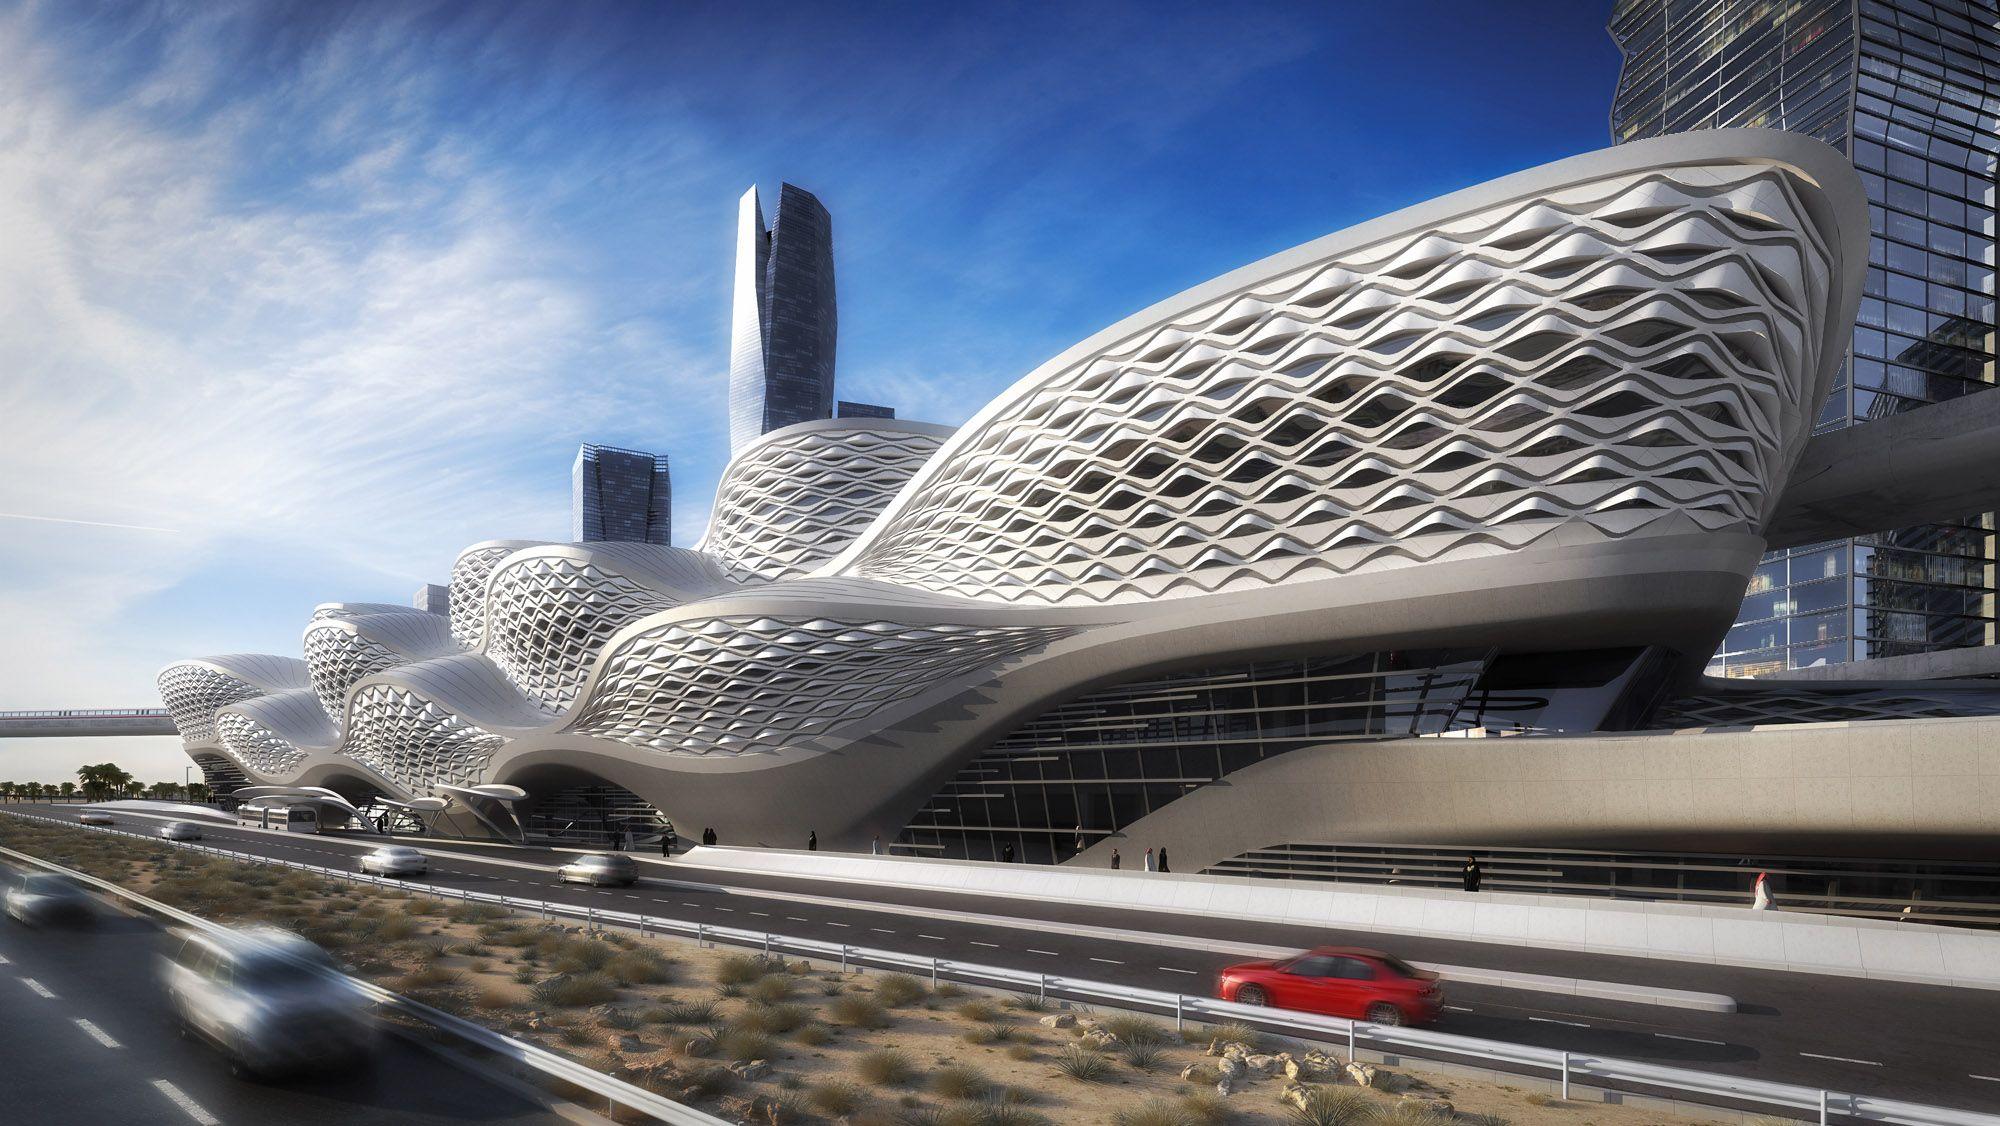 Станції метрополітену в Дніпрі проектуватиме архітектурна студія зі світовим ім'ям - Zaha Hadid Architects, - Філатов - Цензор.НЕТ 8404